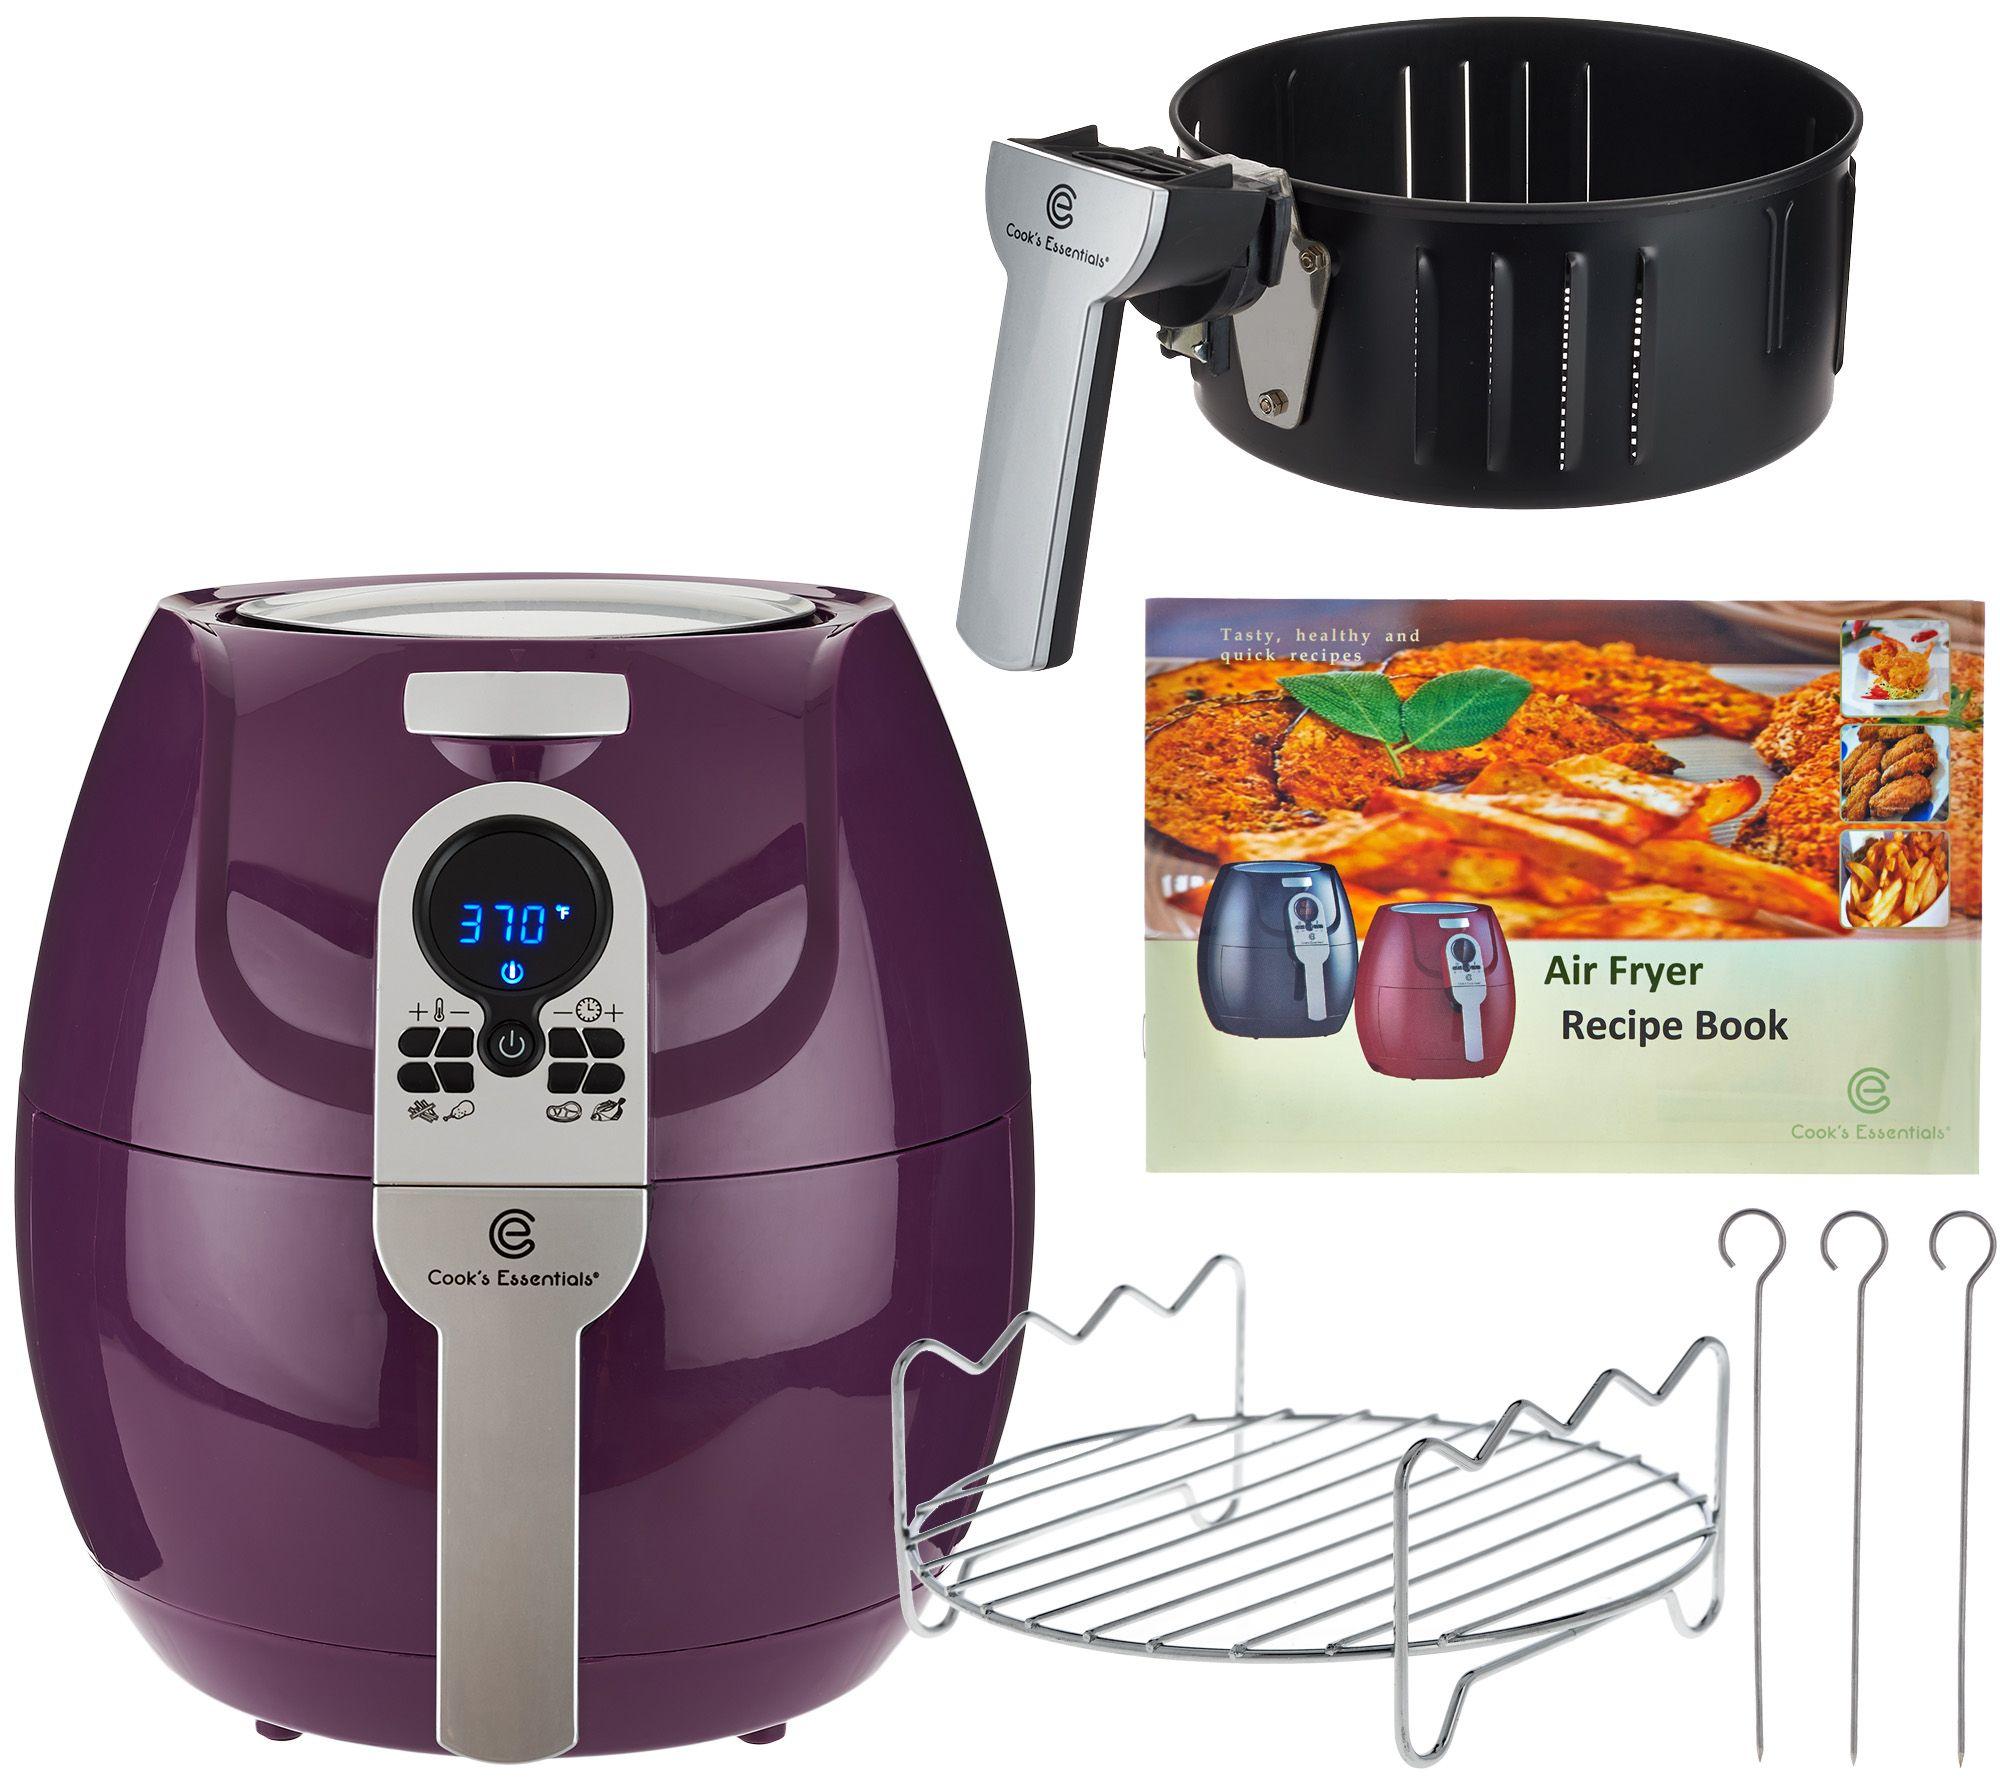 1500w digital air fryer with presets u0026 grill rack page 1 u2014 qvccom - Nuwave Air Fryer